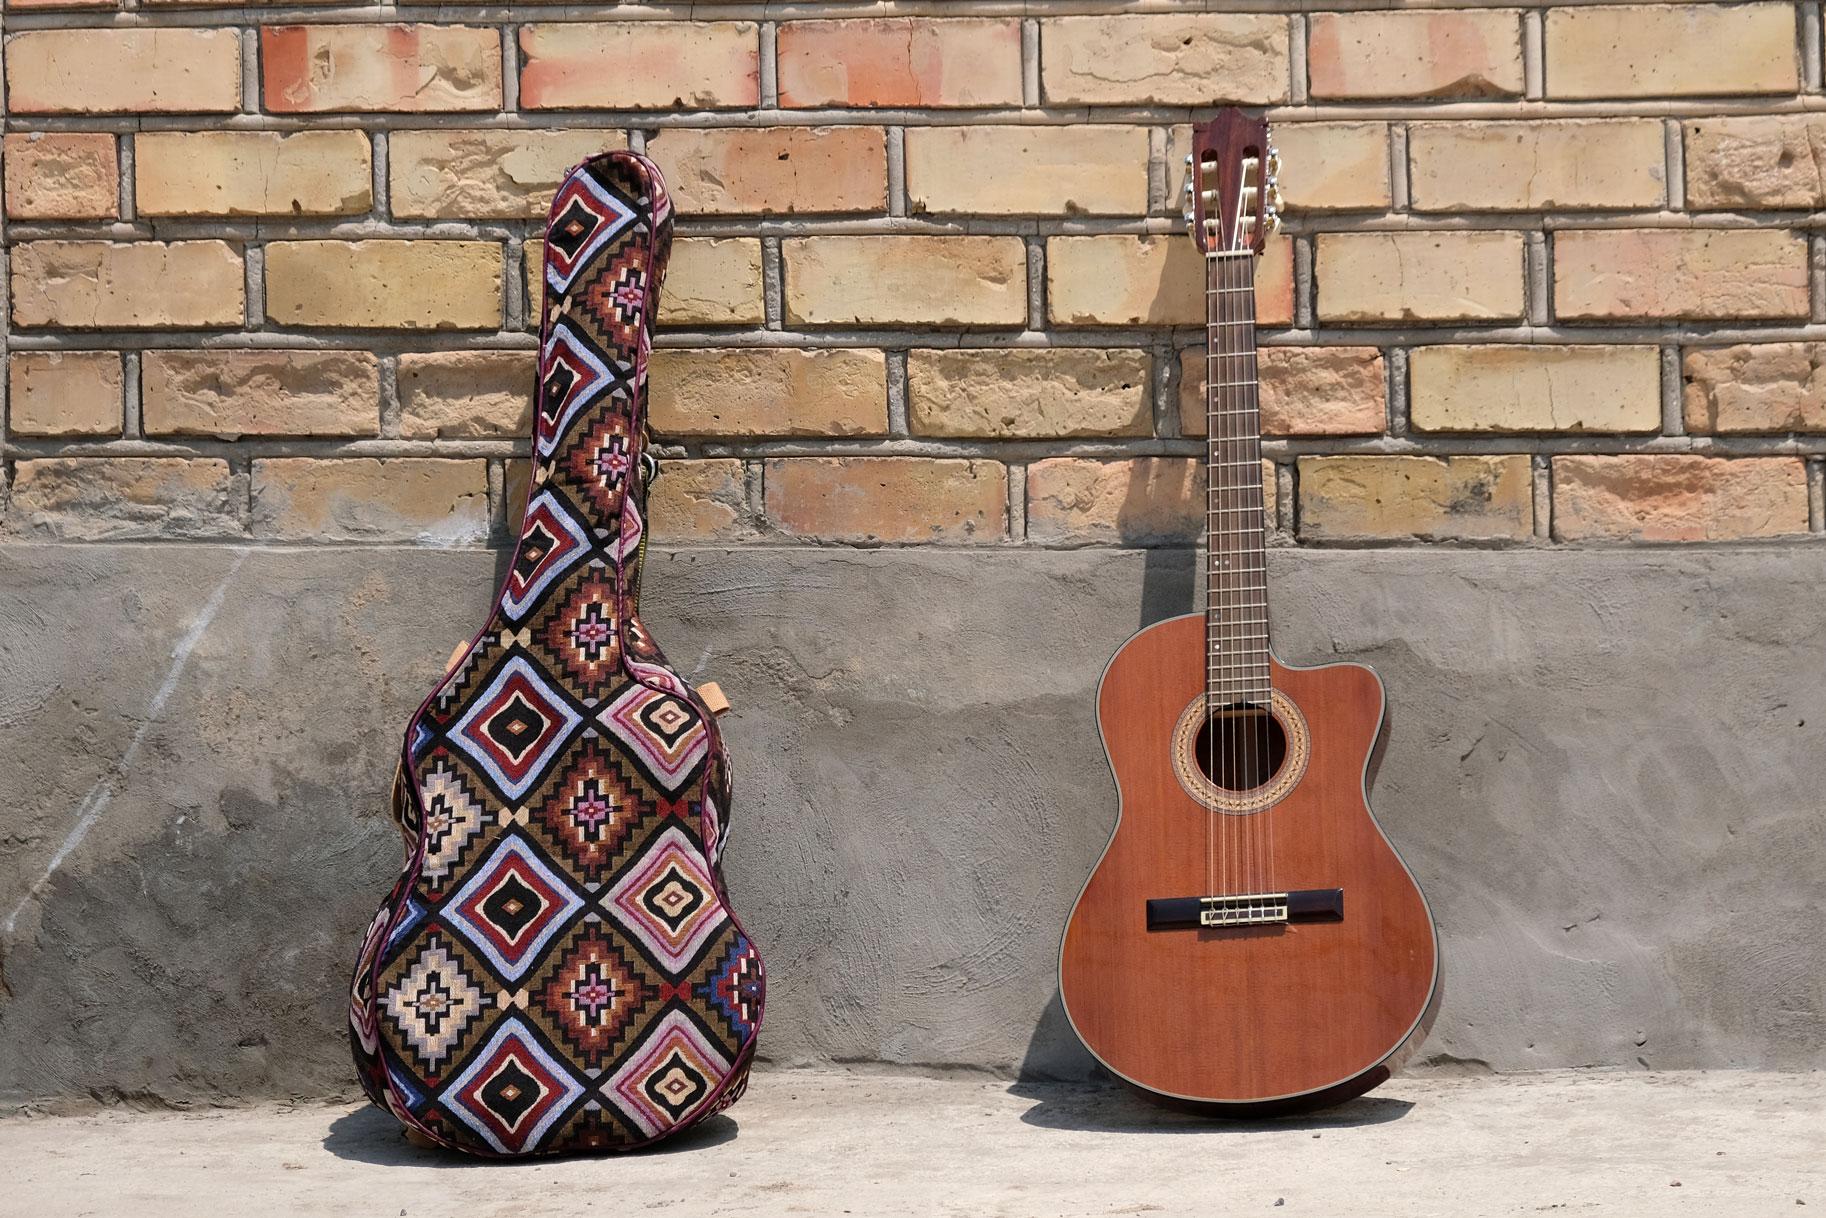 Eine Gitarrenhülle und eine Gitarre lehnen an einer Wand.